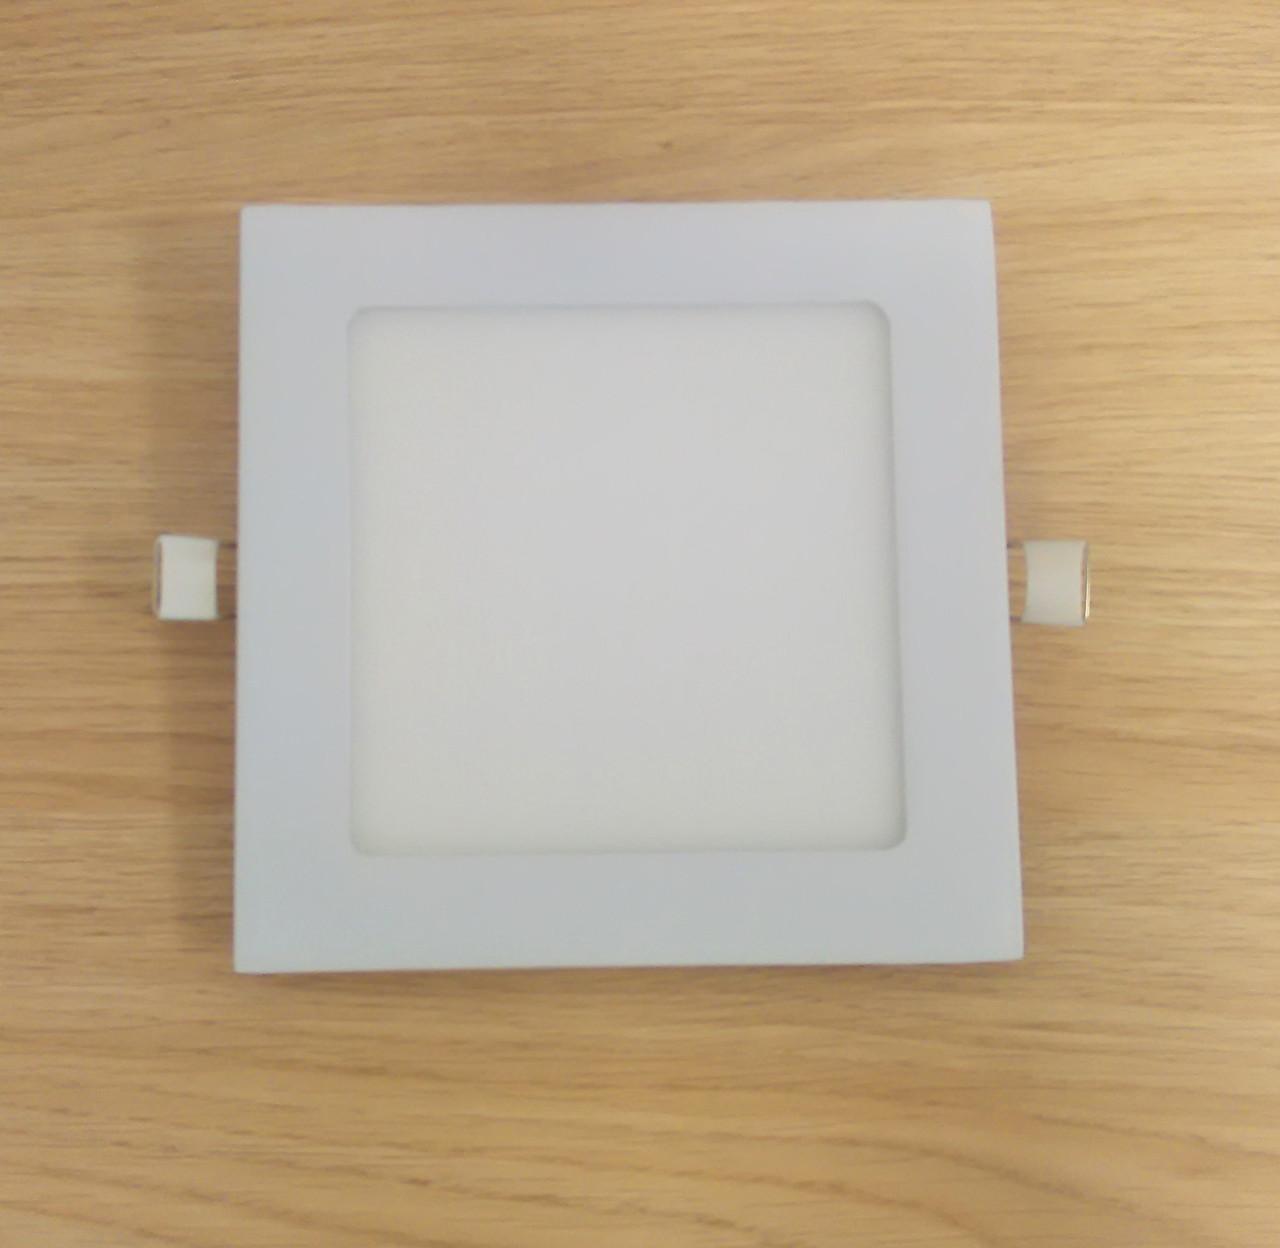 Світильник врізний LED Світильник 9W 6500K/4000К/3000К 149х149мм квадратний алюмінієвий корпус !